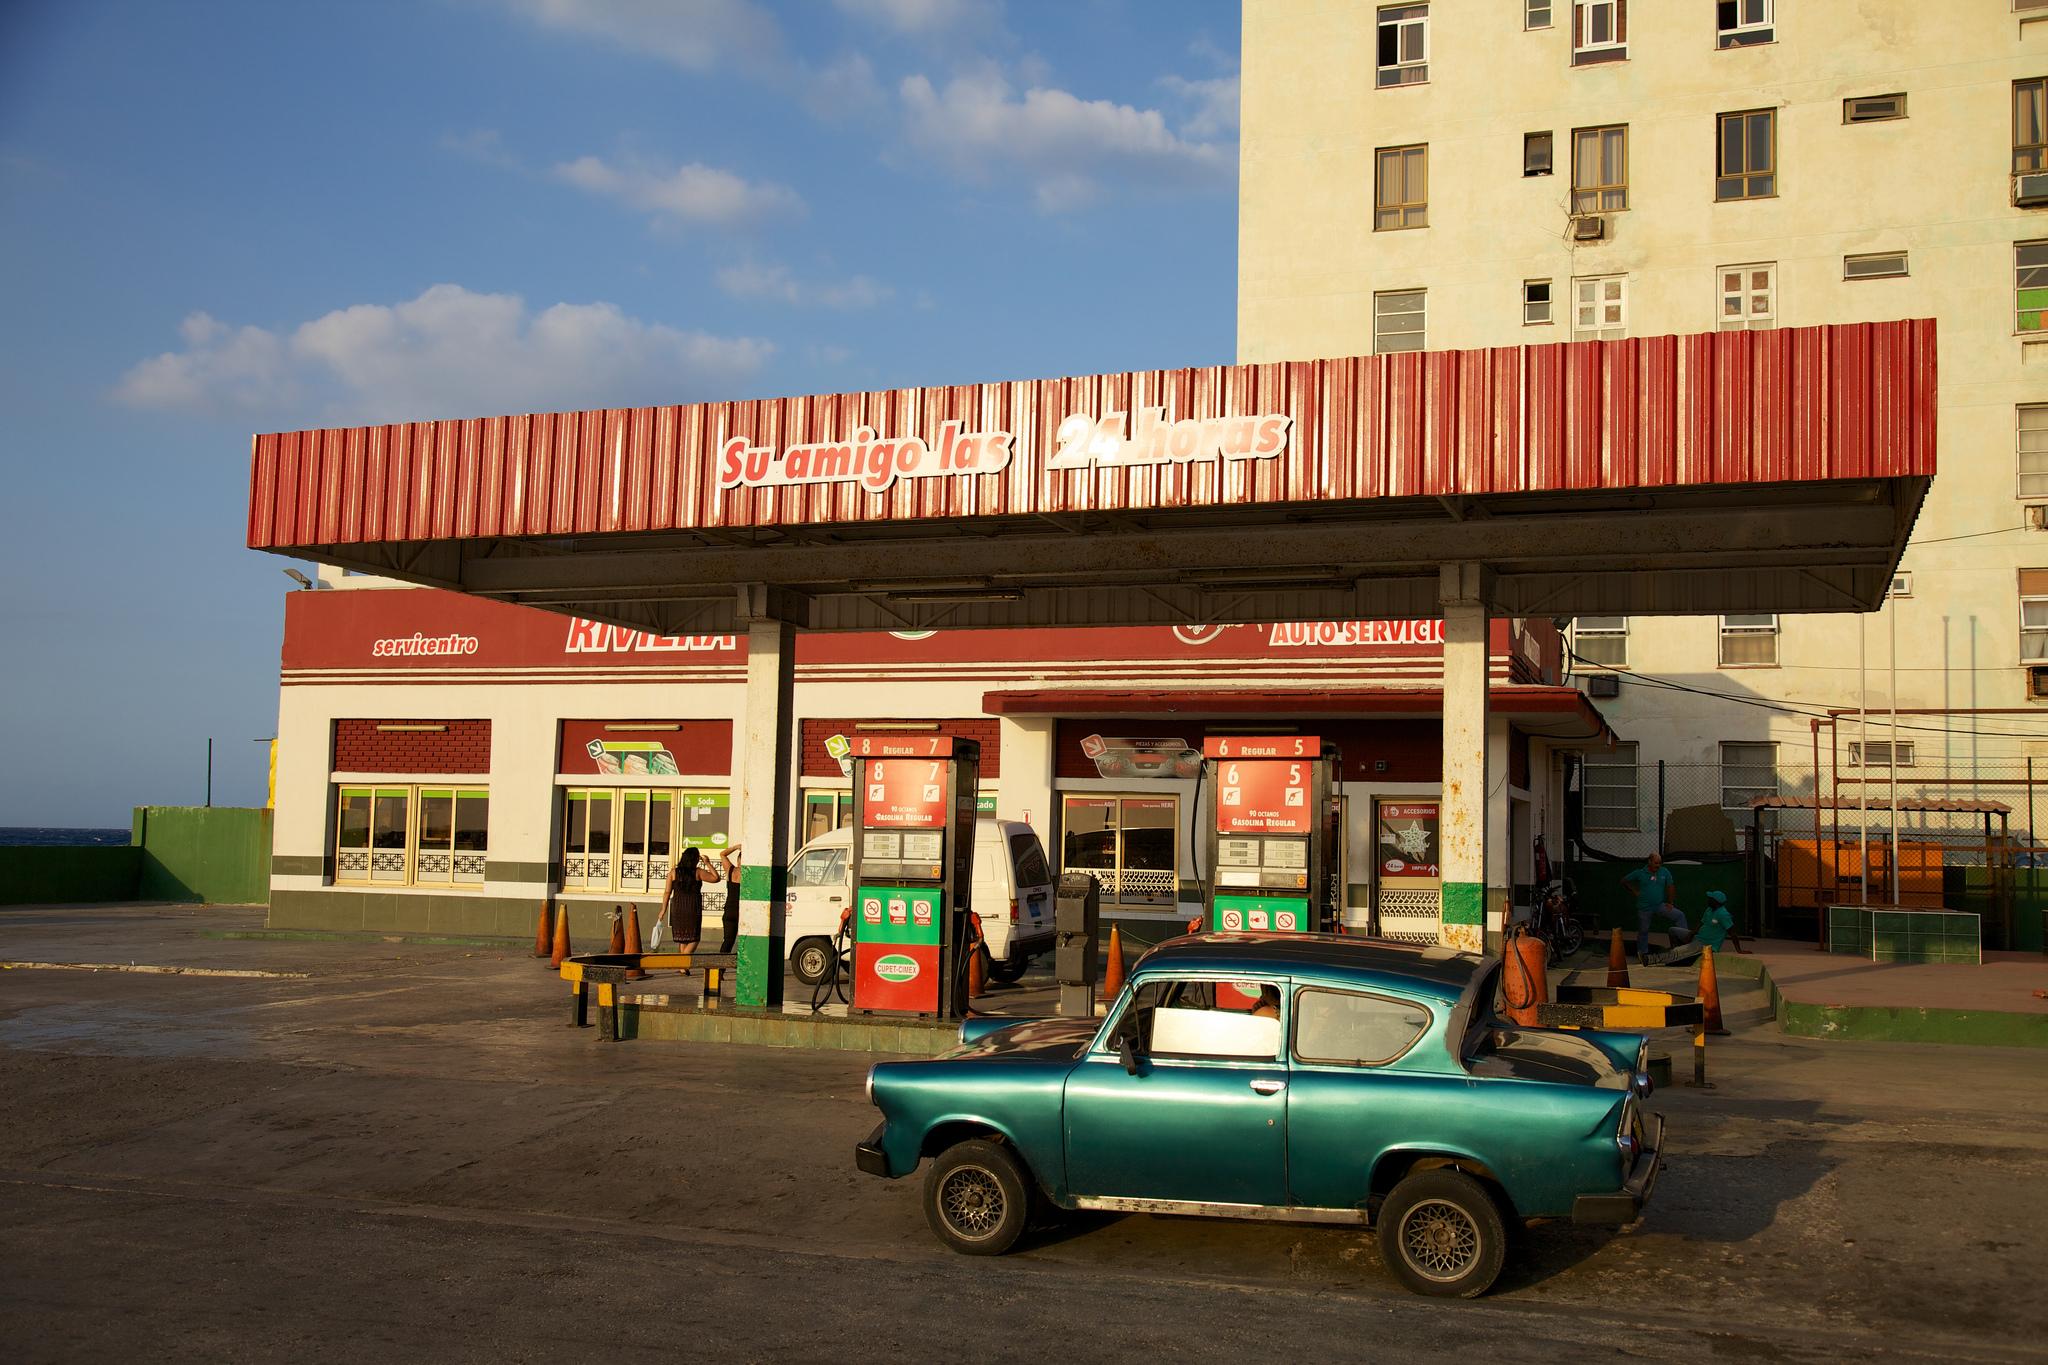 gas station in Cuba